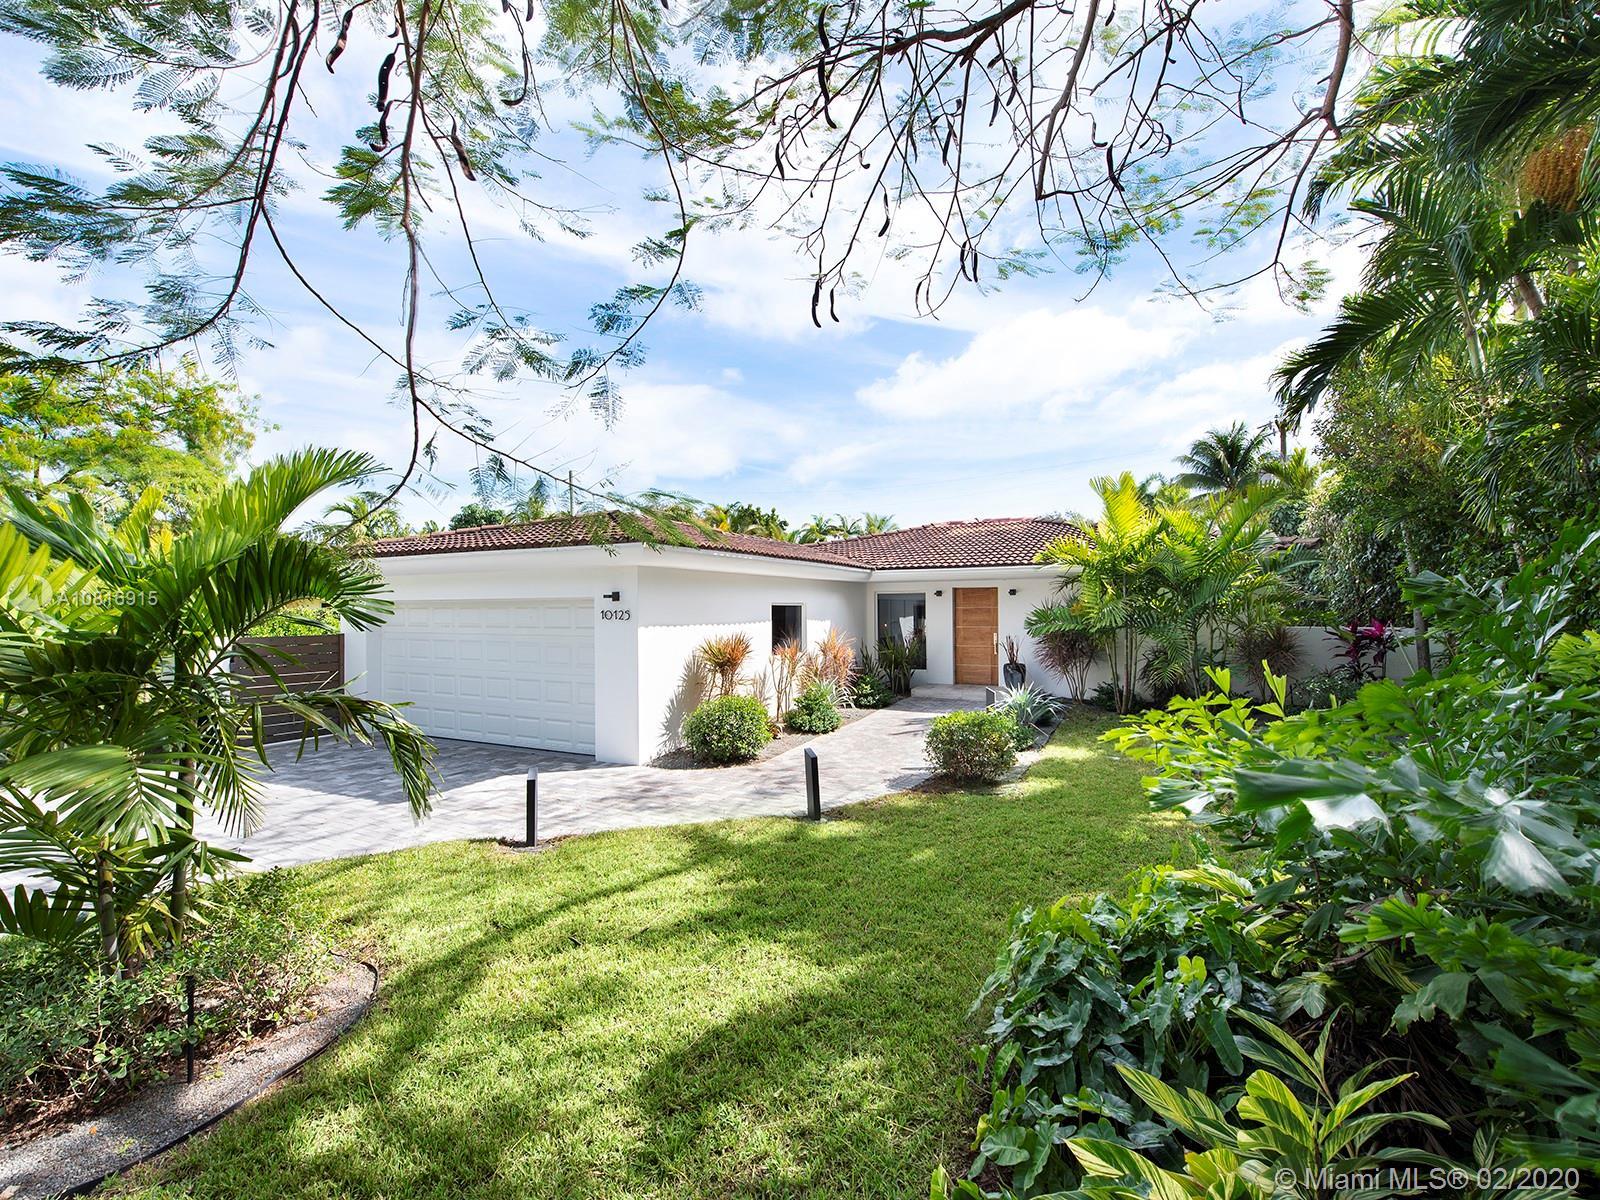 10125 Biscayne Blvd, Miami Shores, FL 33138 - Miami Shores, FL real estate listing